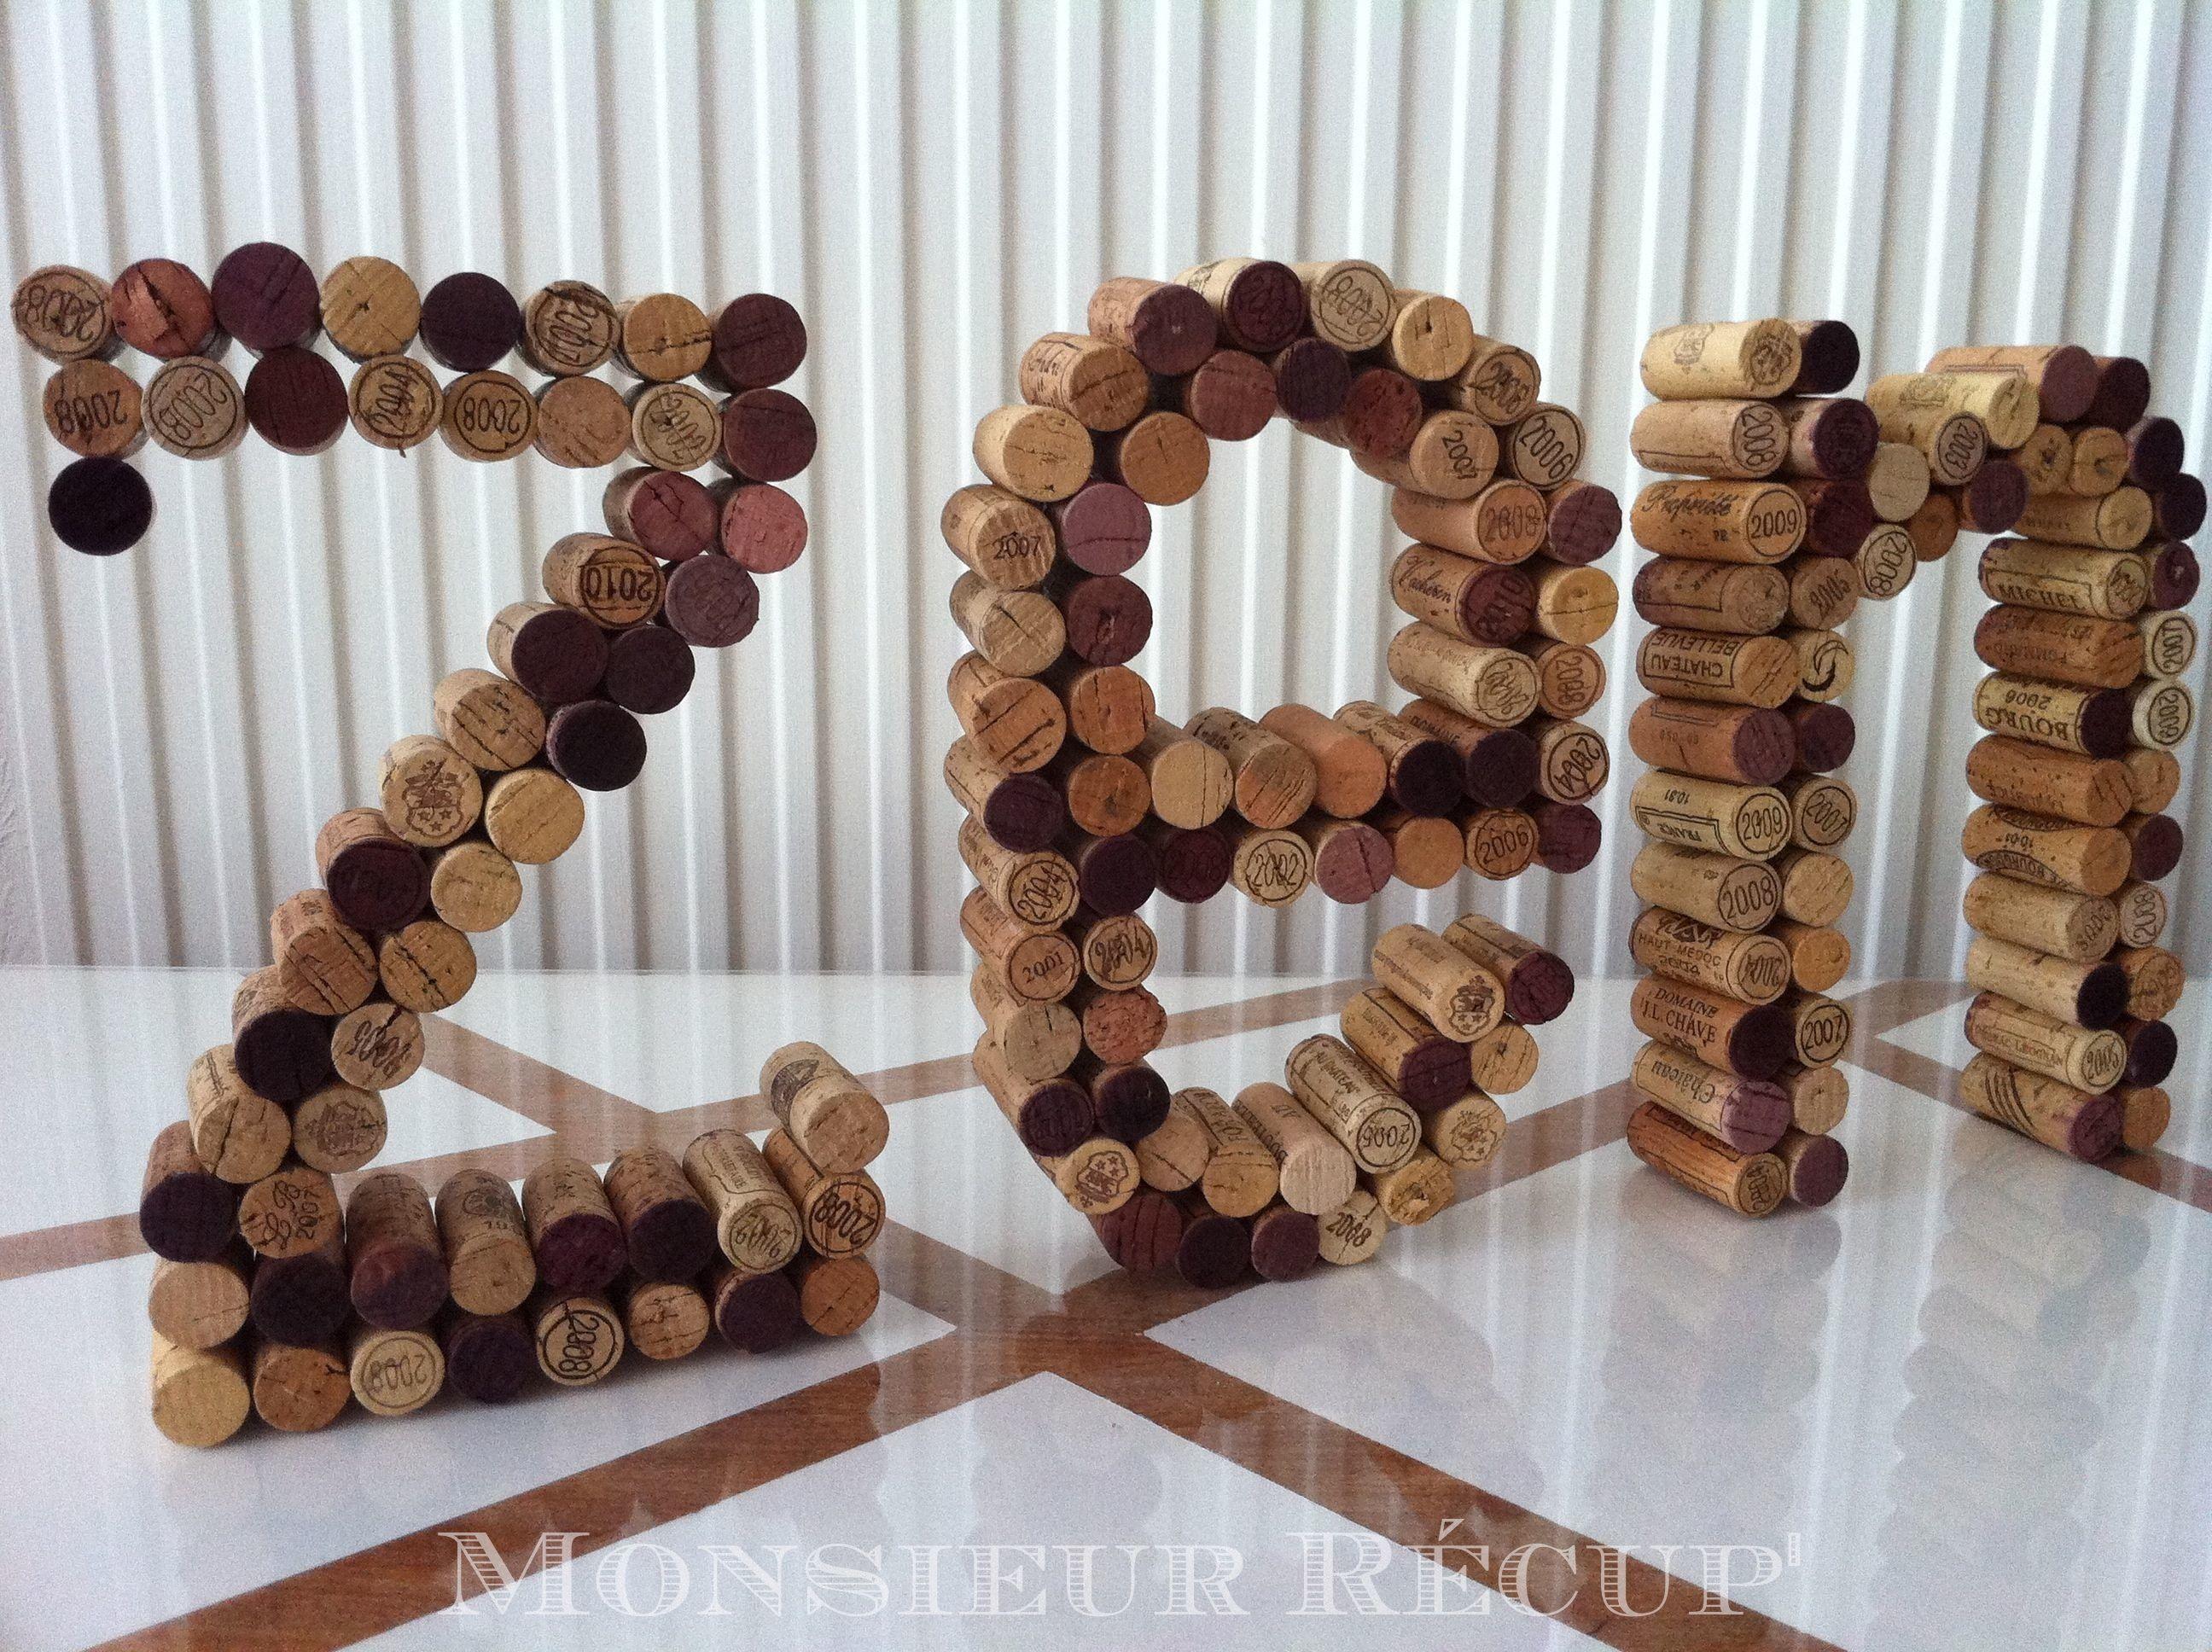 zen un mot d 39 ordre bouchons de li ge id es d co r cup 39 pinterest bouchons de li ge. Black Bedroom Furniture Sets. Home Design Ideas